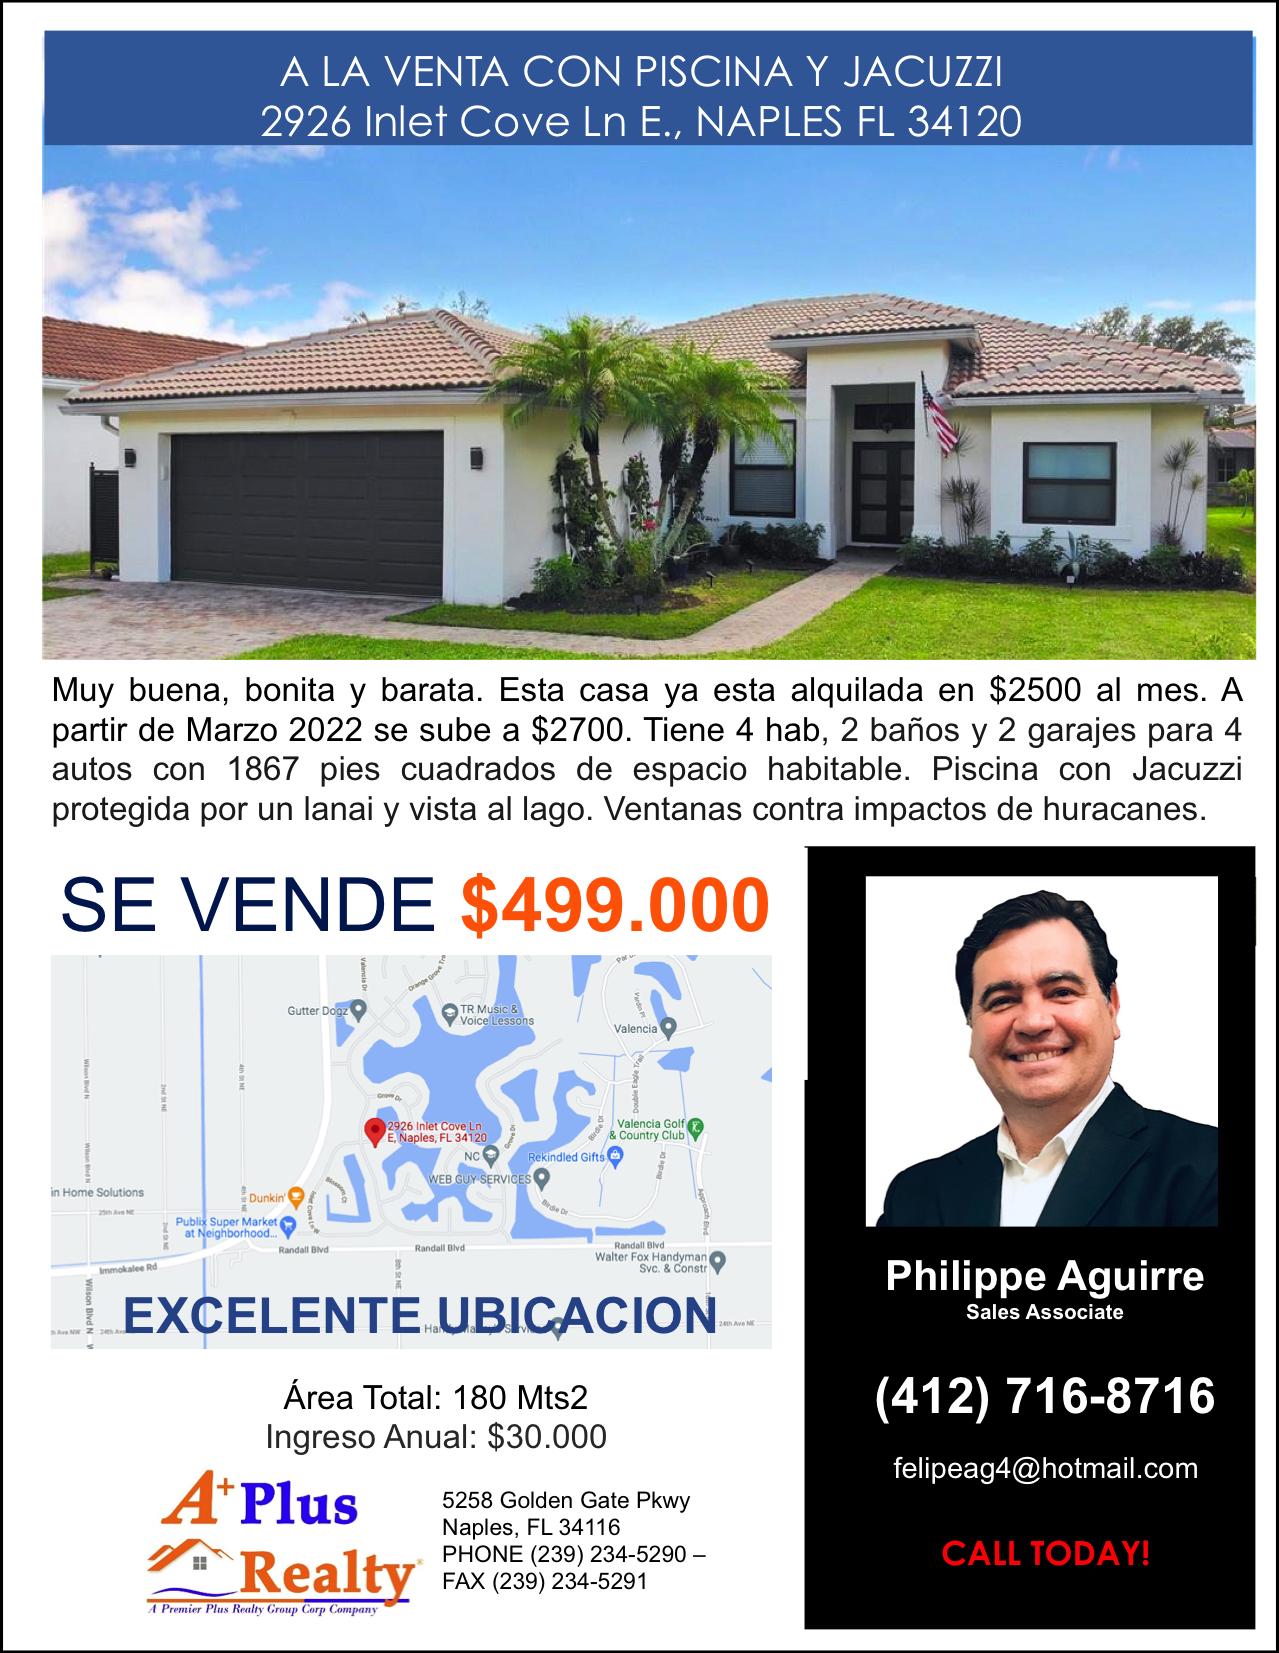 Comprar casas en la Florida 9